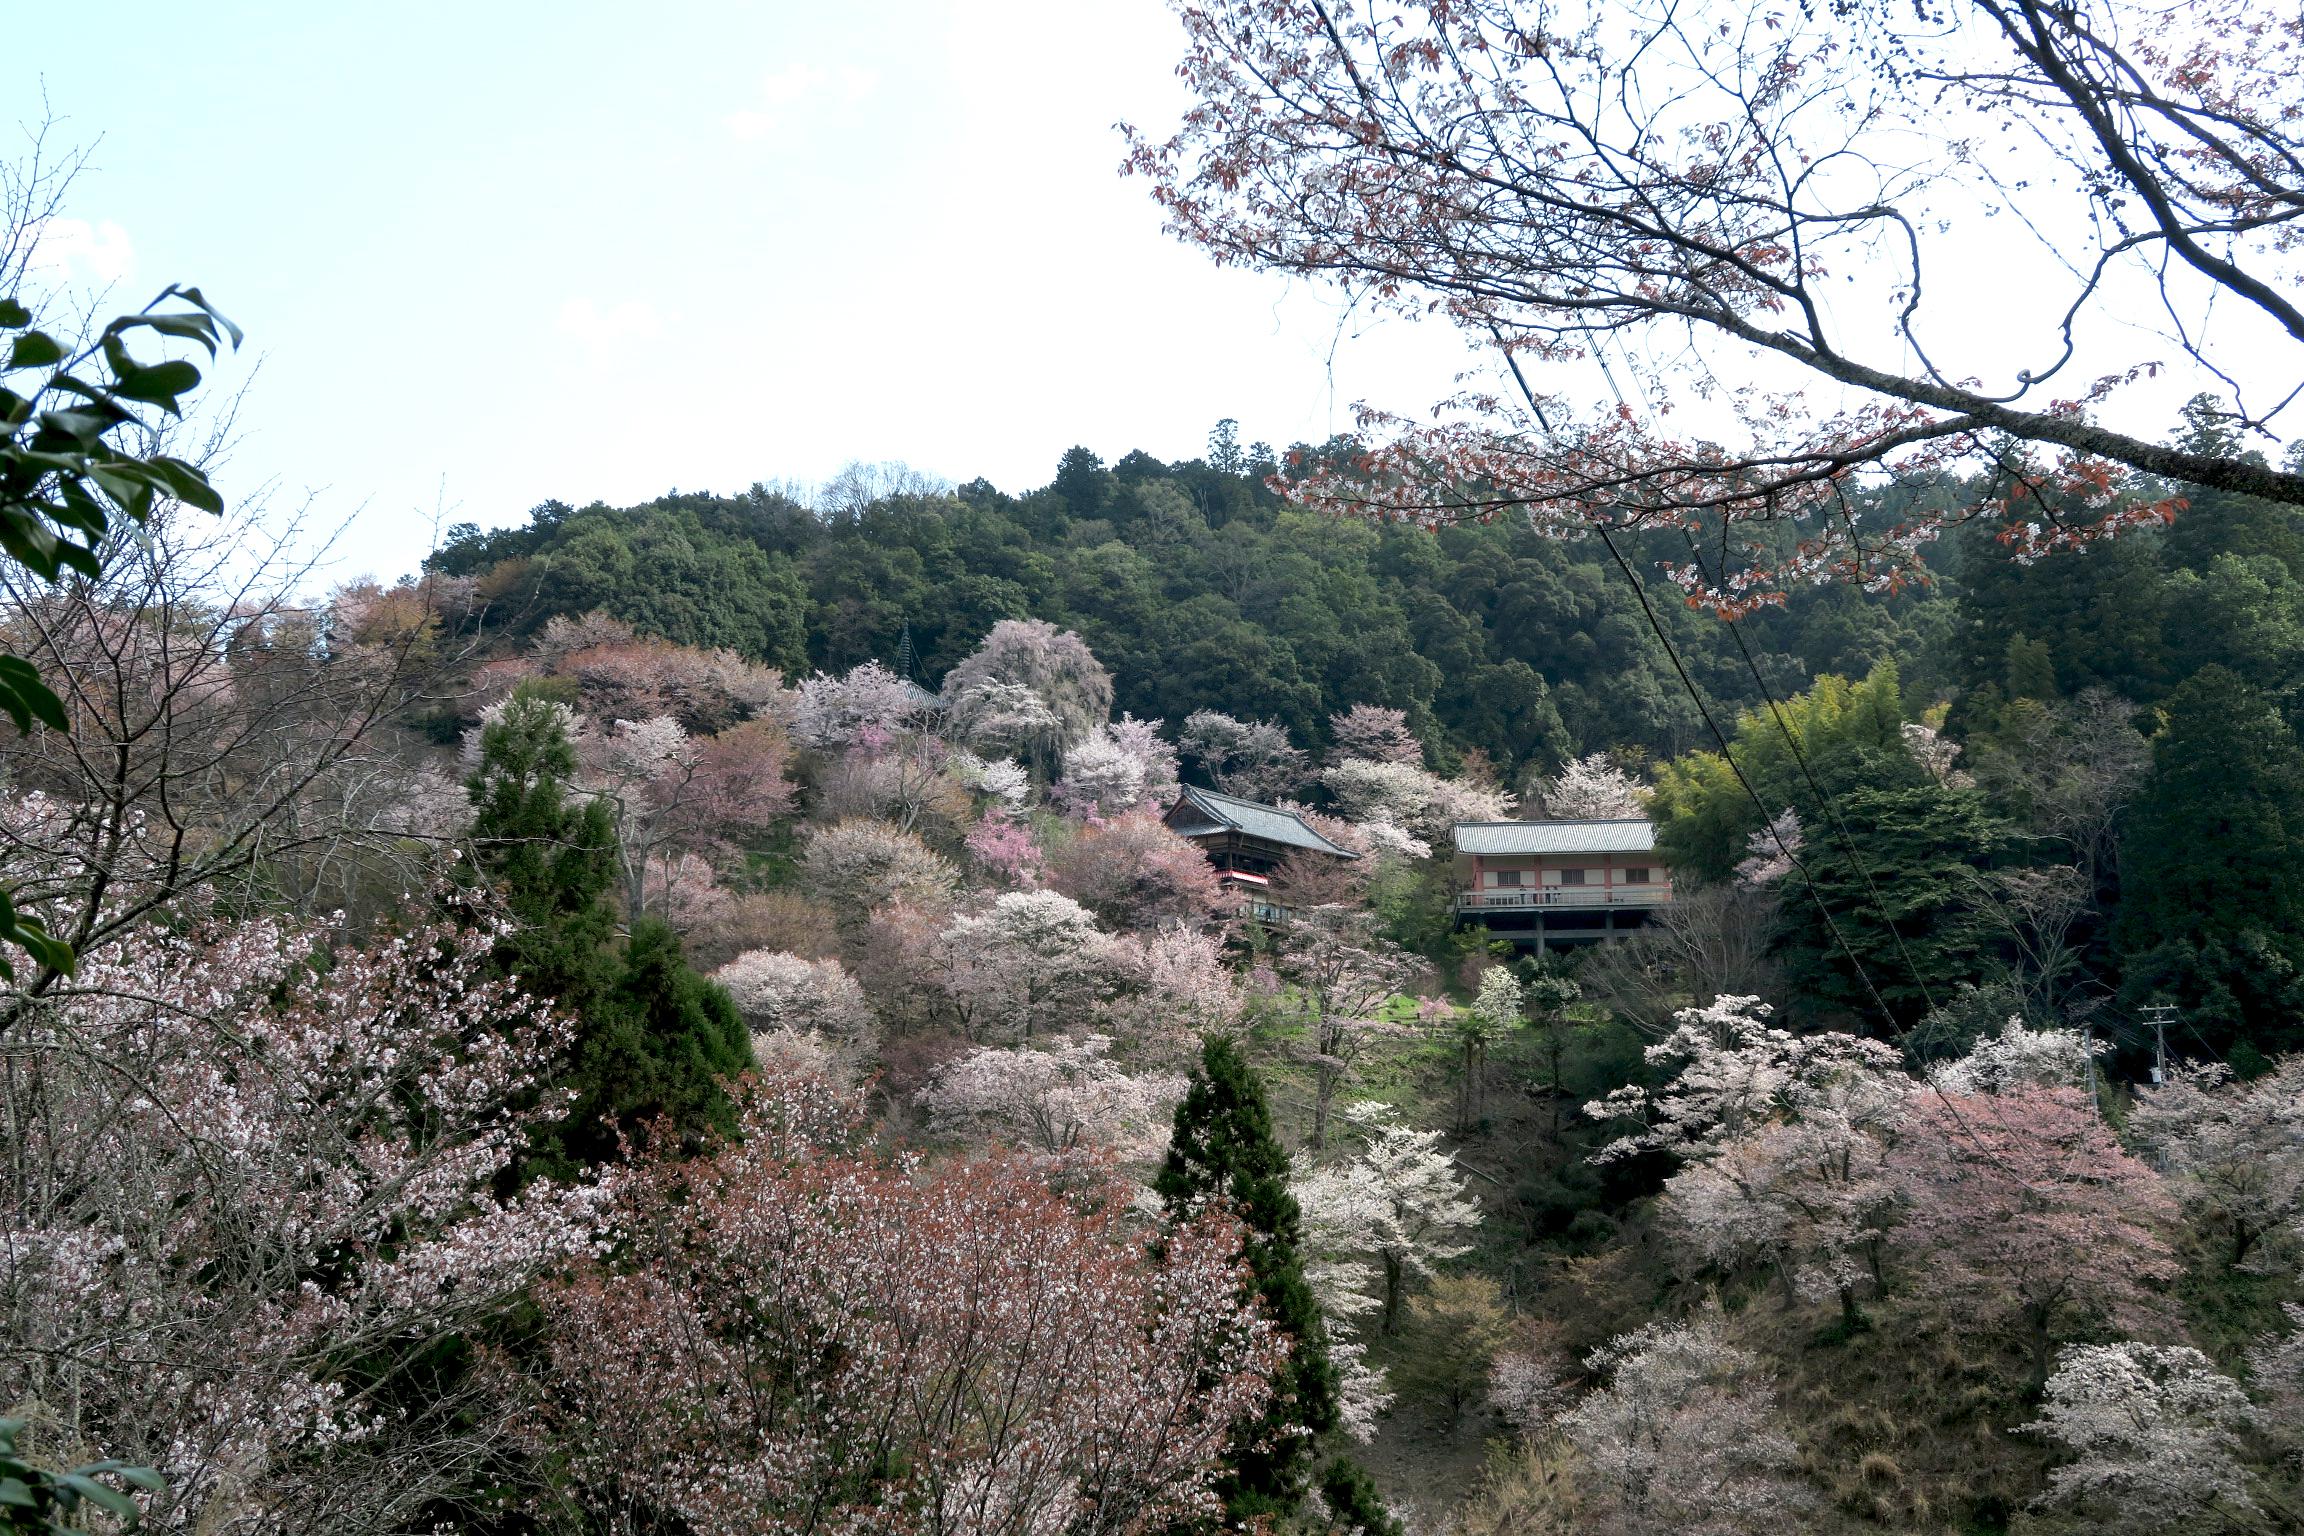 谷を挟んで向こう側に見える建物のある如意輪寺に向かいます。